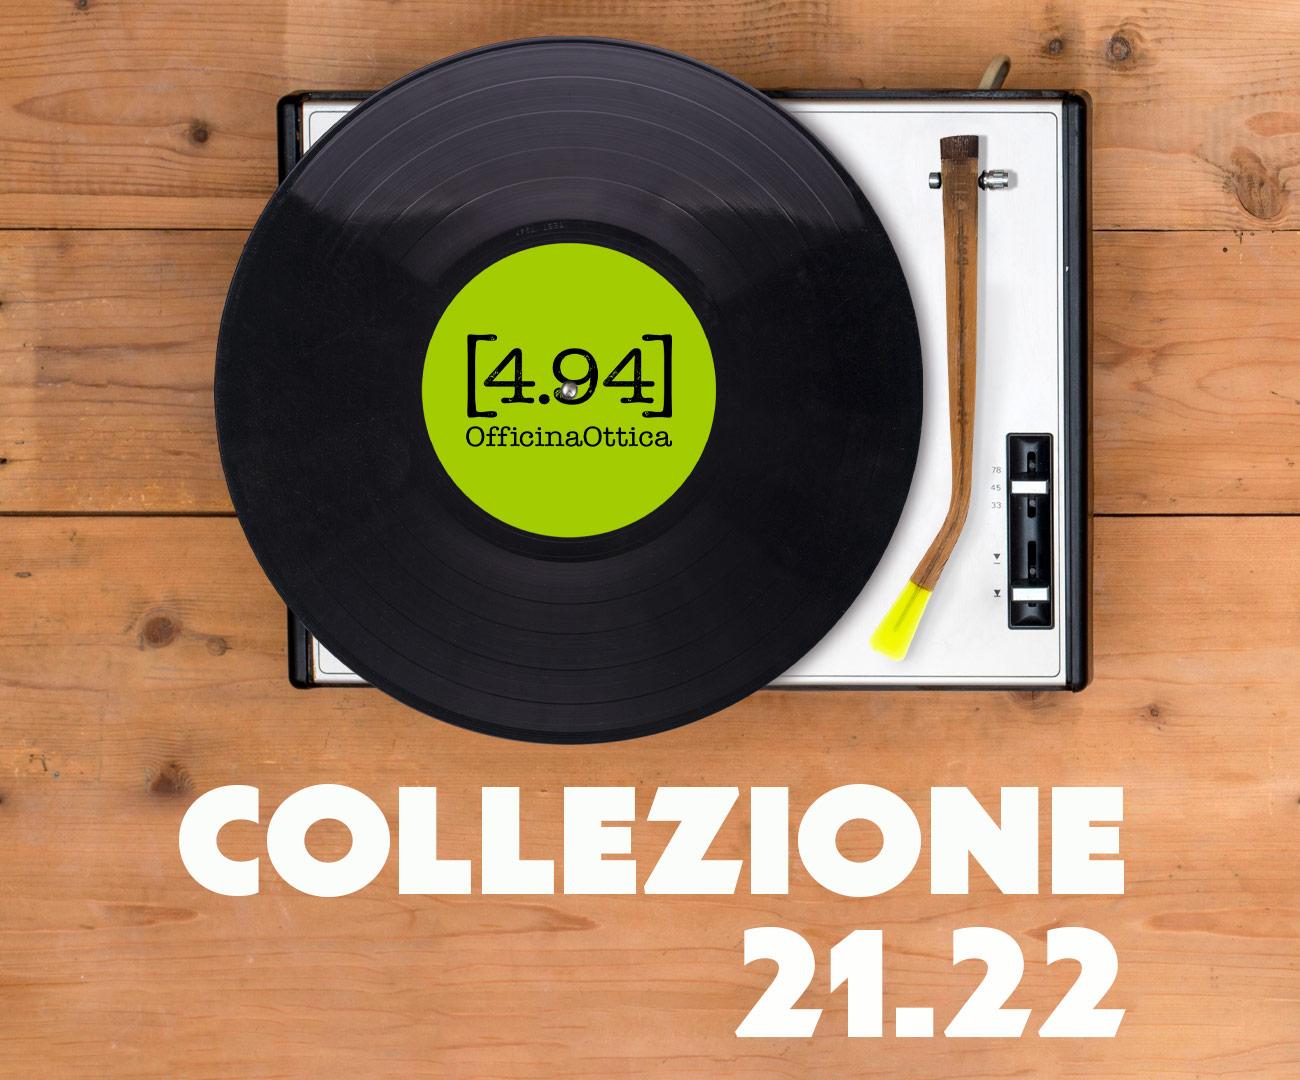 4.94 collezione 21.22